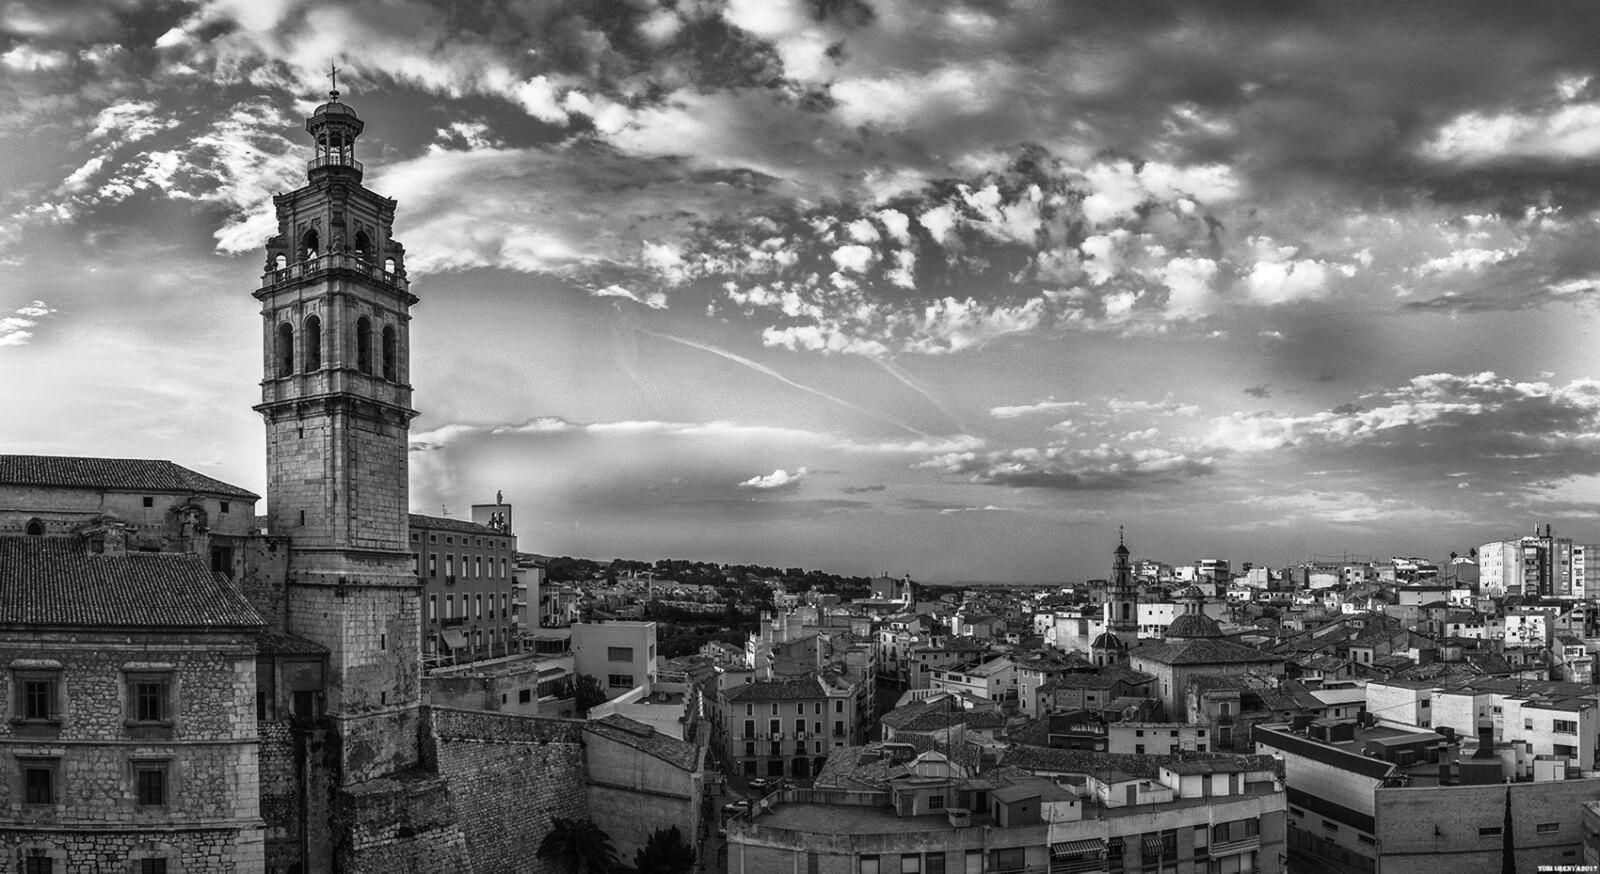 Arista Sur de la Torre Campanario de Santa María, con el campanario de San Miguel a la derecha y el de San Carlos al fondo. Foto de Toni Ureña.